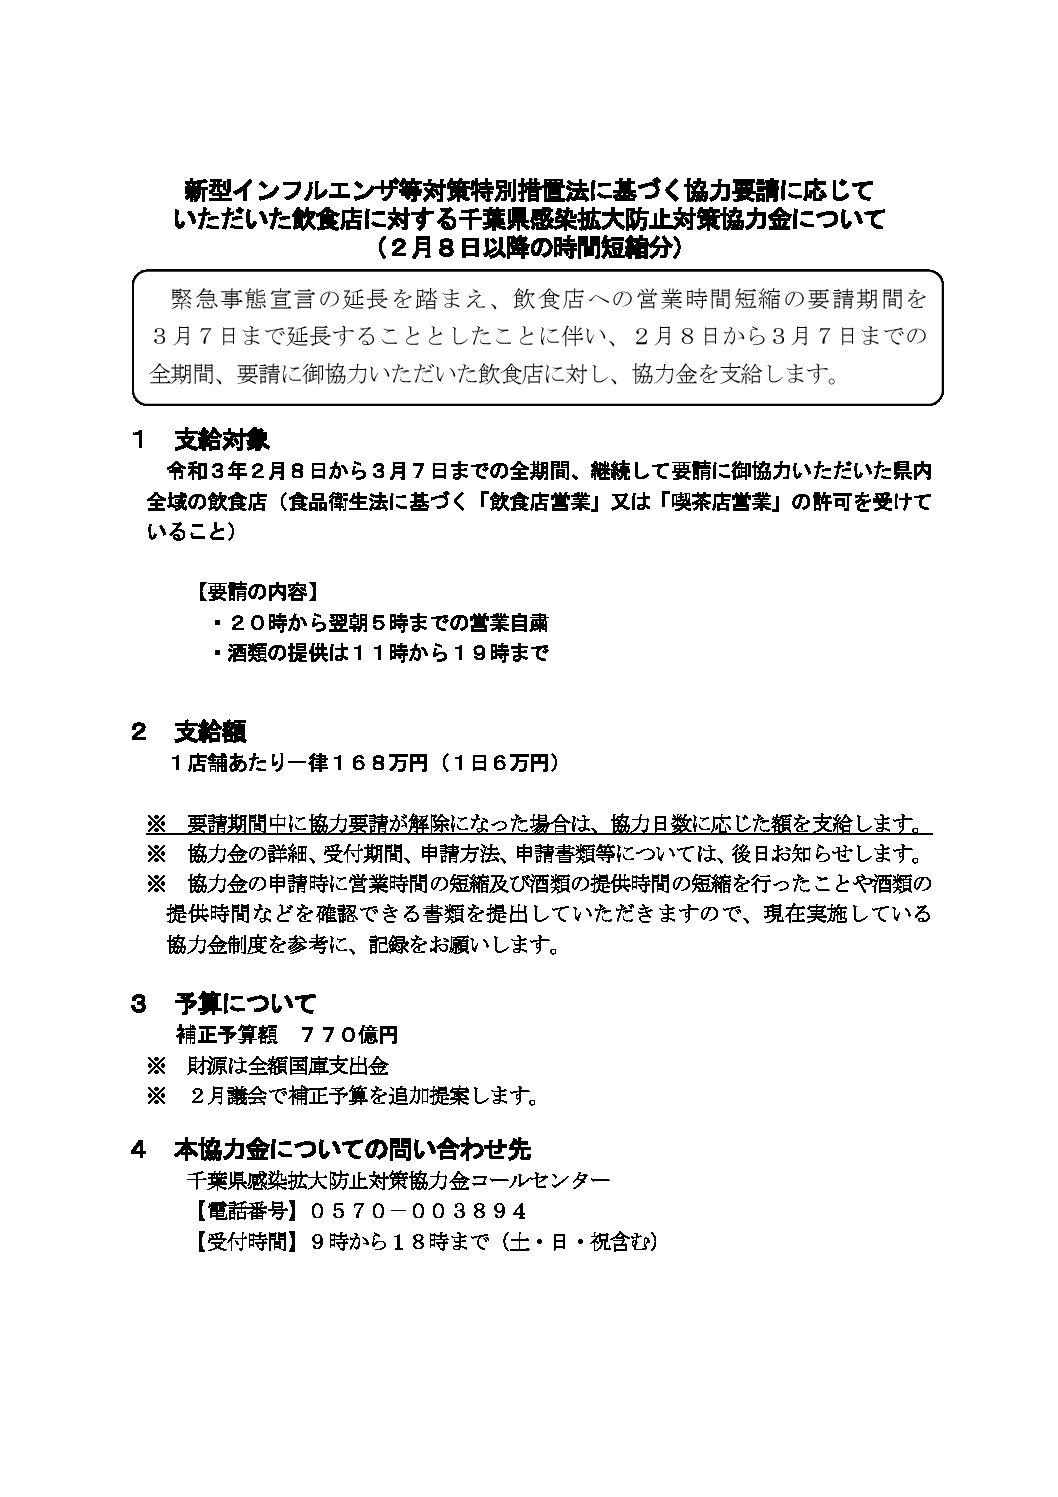 新型インフルエンザ等対策特別措置法に基づく協力要請に応じて いただいた飲食店に対する千葉県感染拡大防止対策協力金について (2月8日以降の時間短縮分)